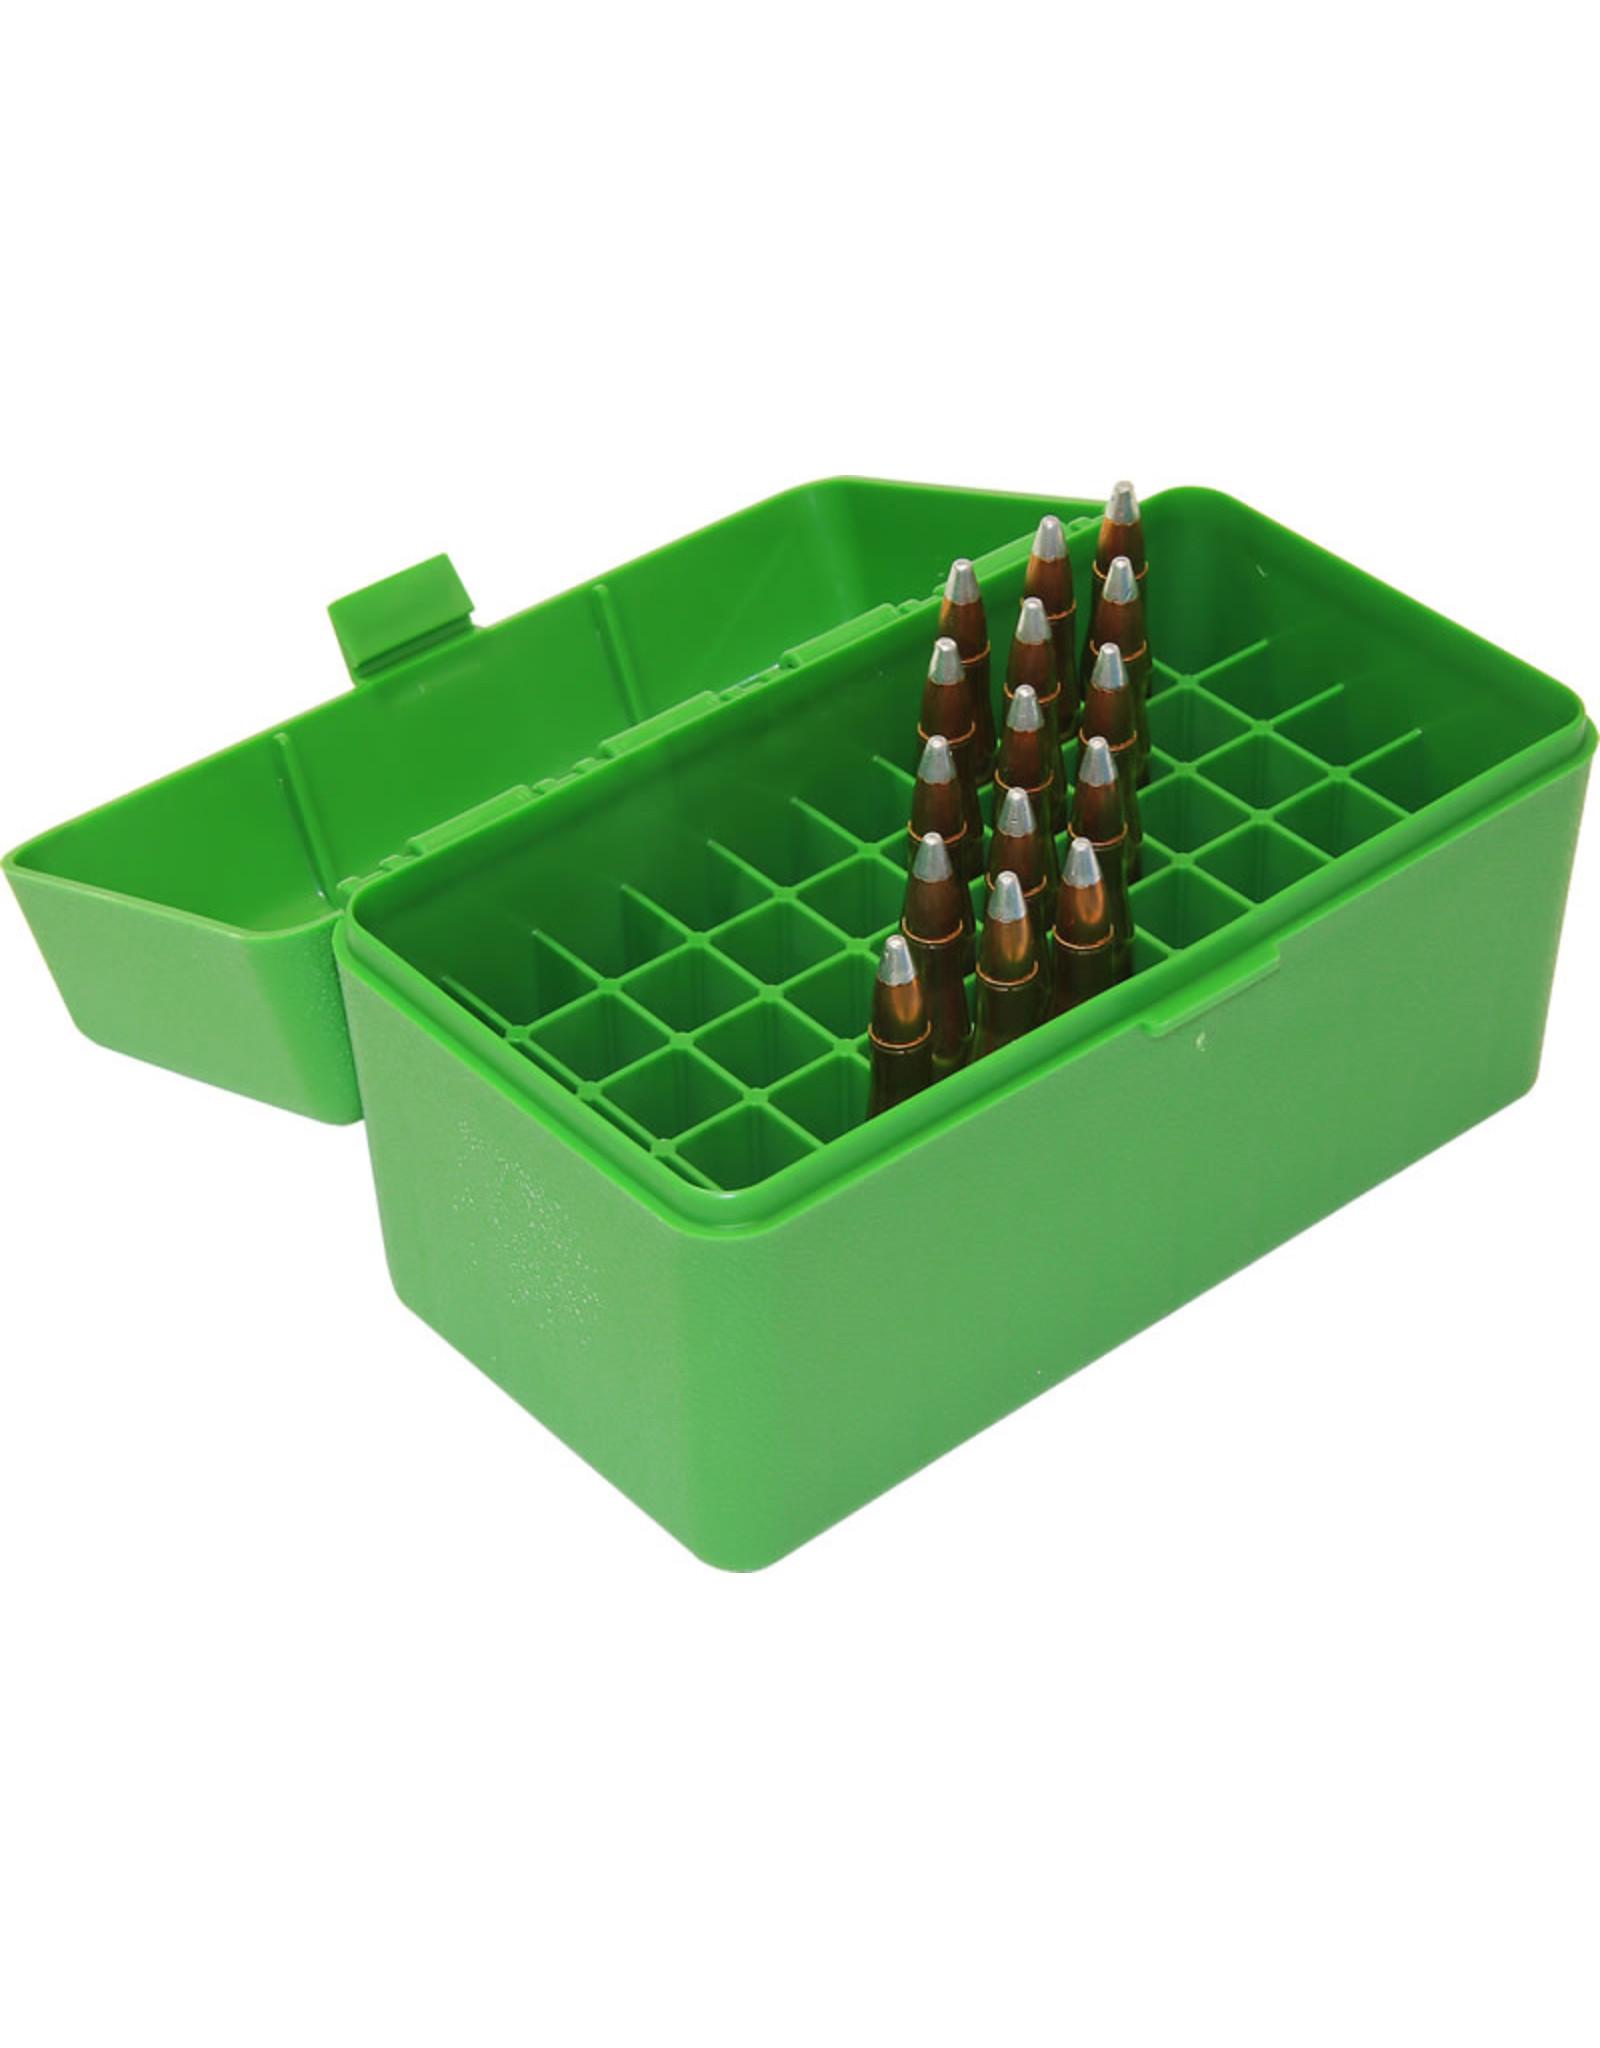 MTM Case-Gard MTM RMLD-50-10 Case-Gard Ammo Box 50 Round Flip-Top 300 WSM 45-70 7mm